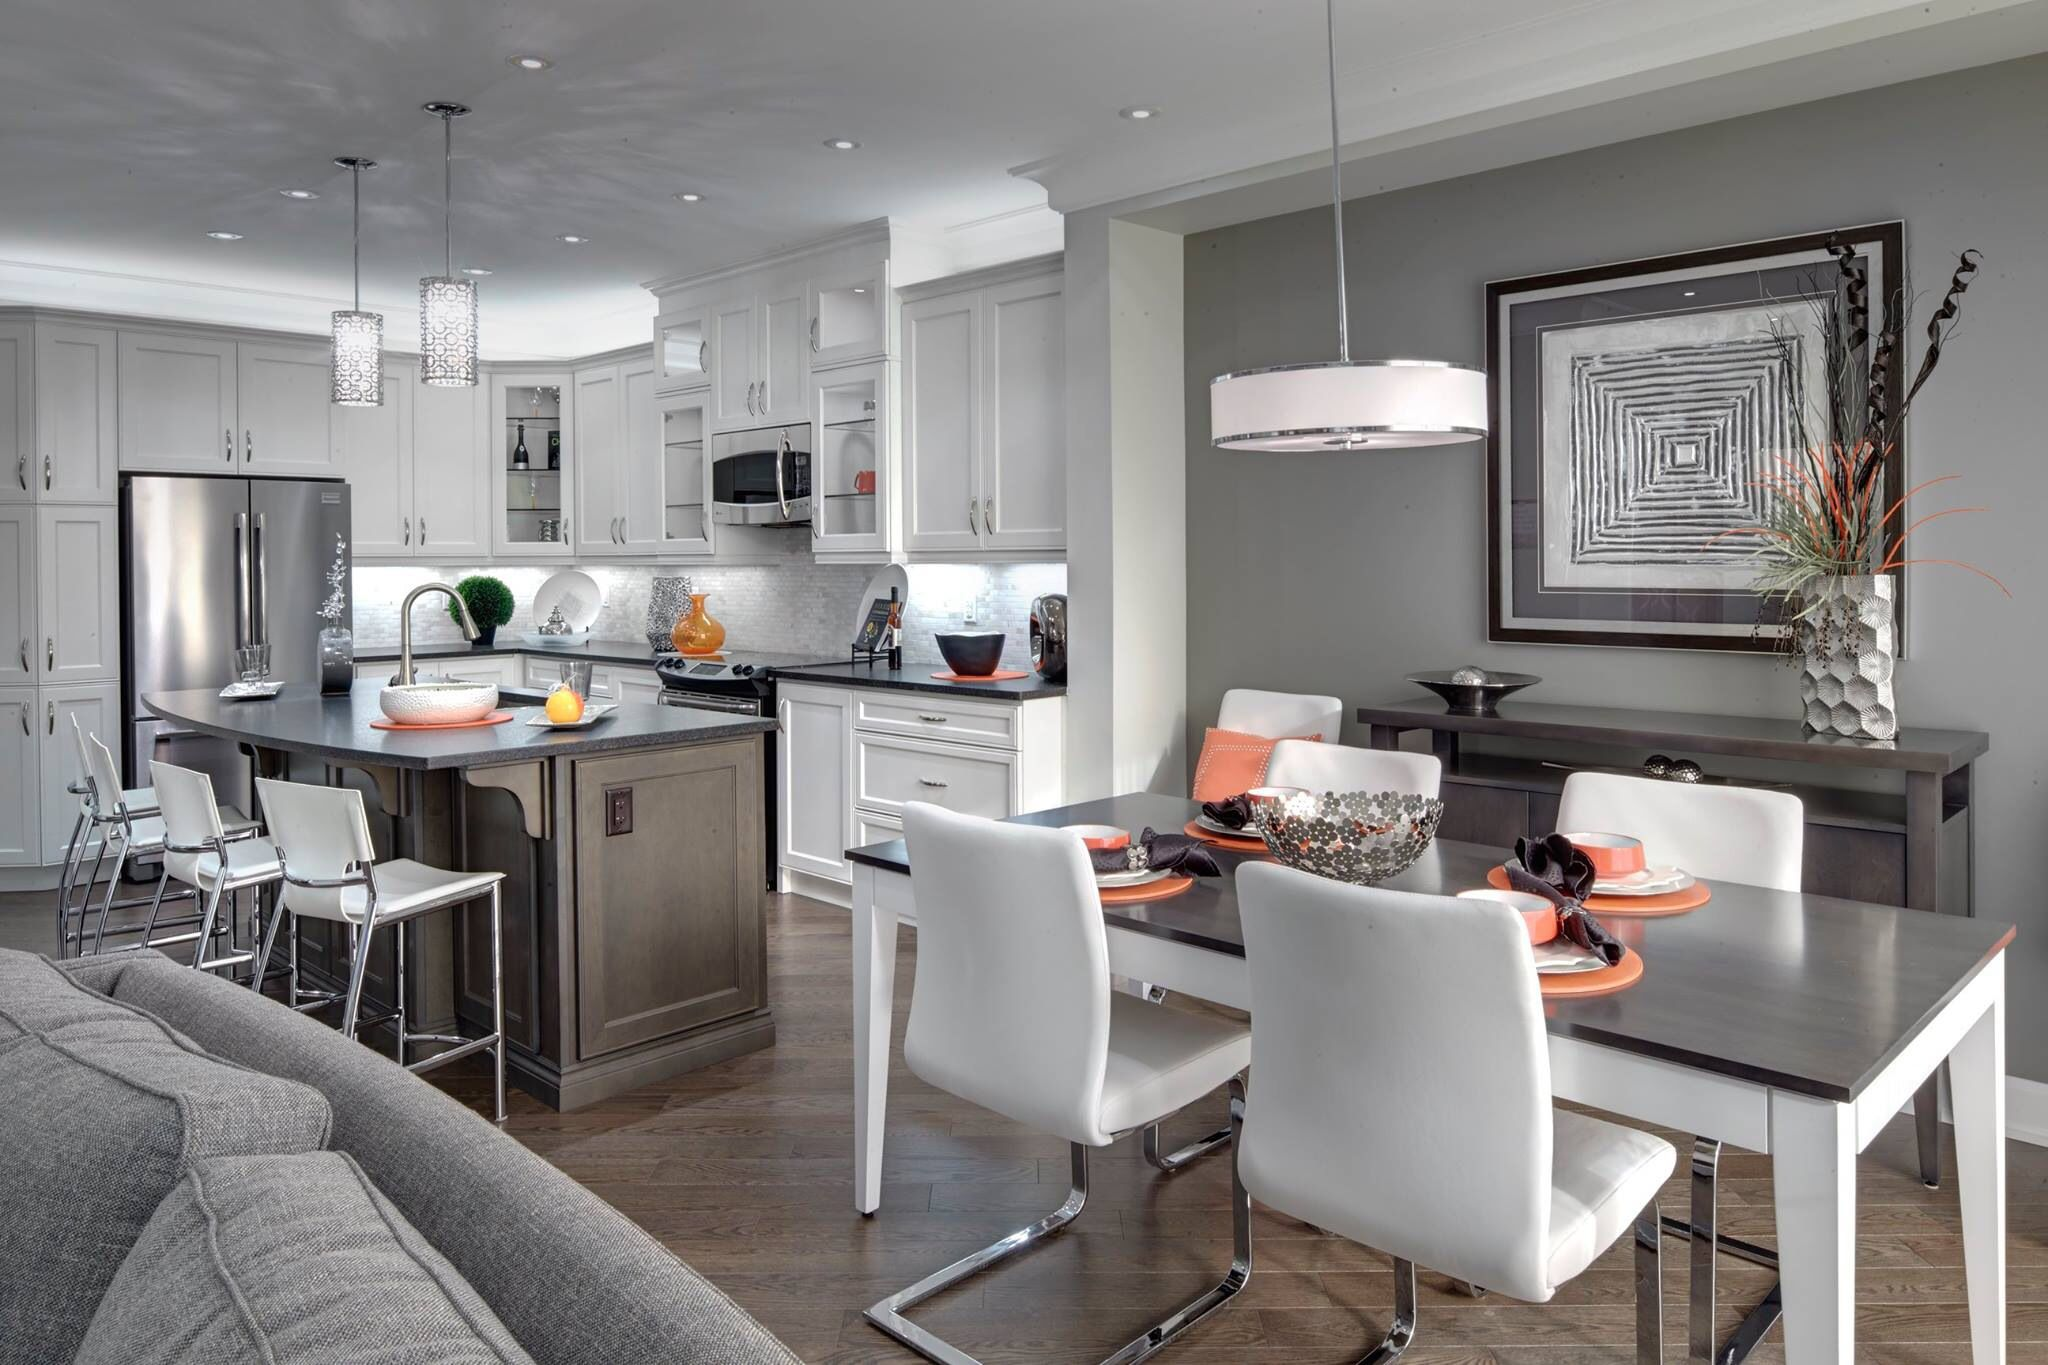 3D living room kitchen model | 1146959 | TurboSquid